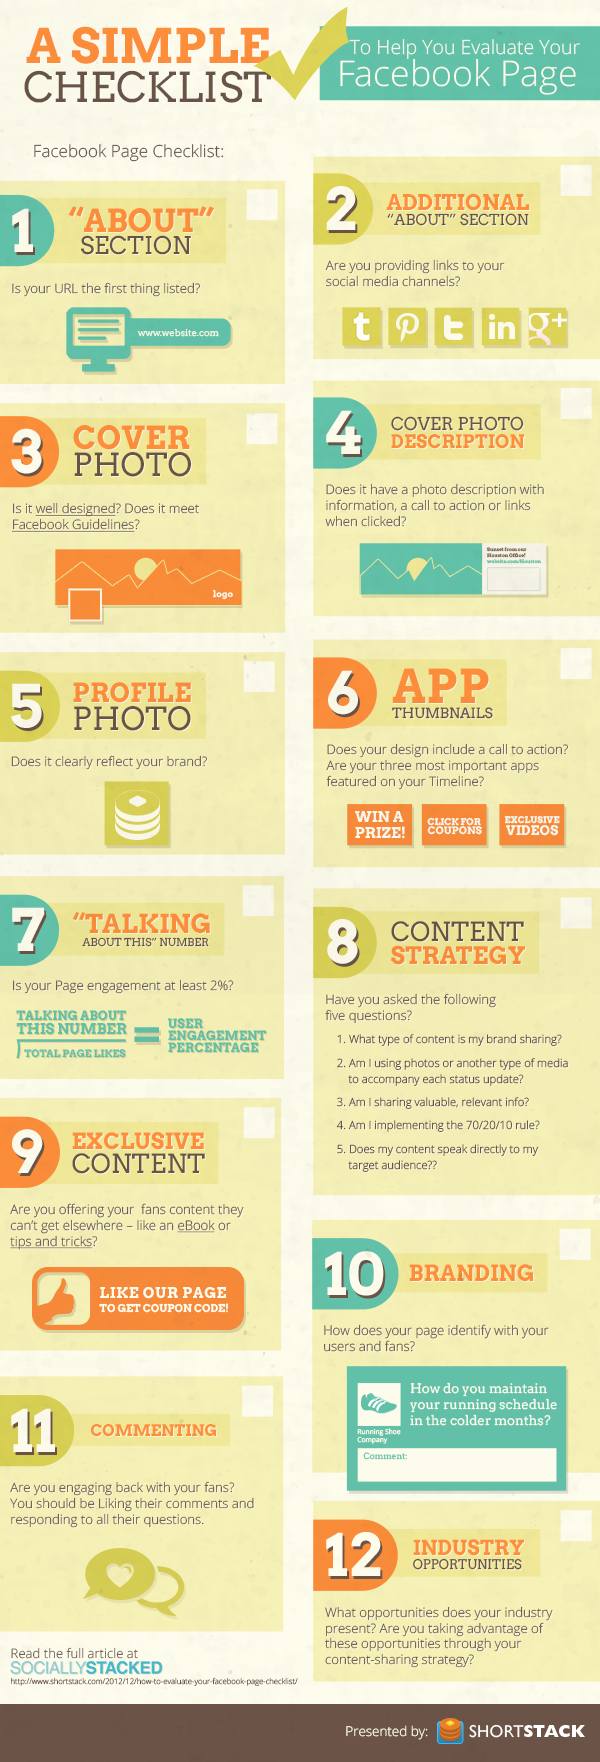 checklist infographic